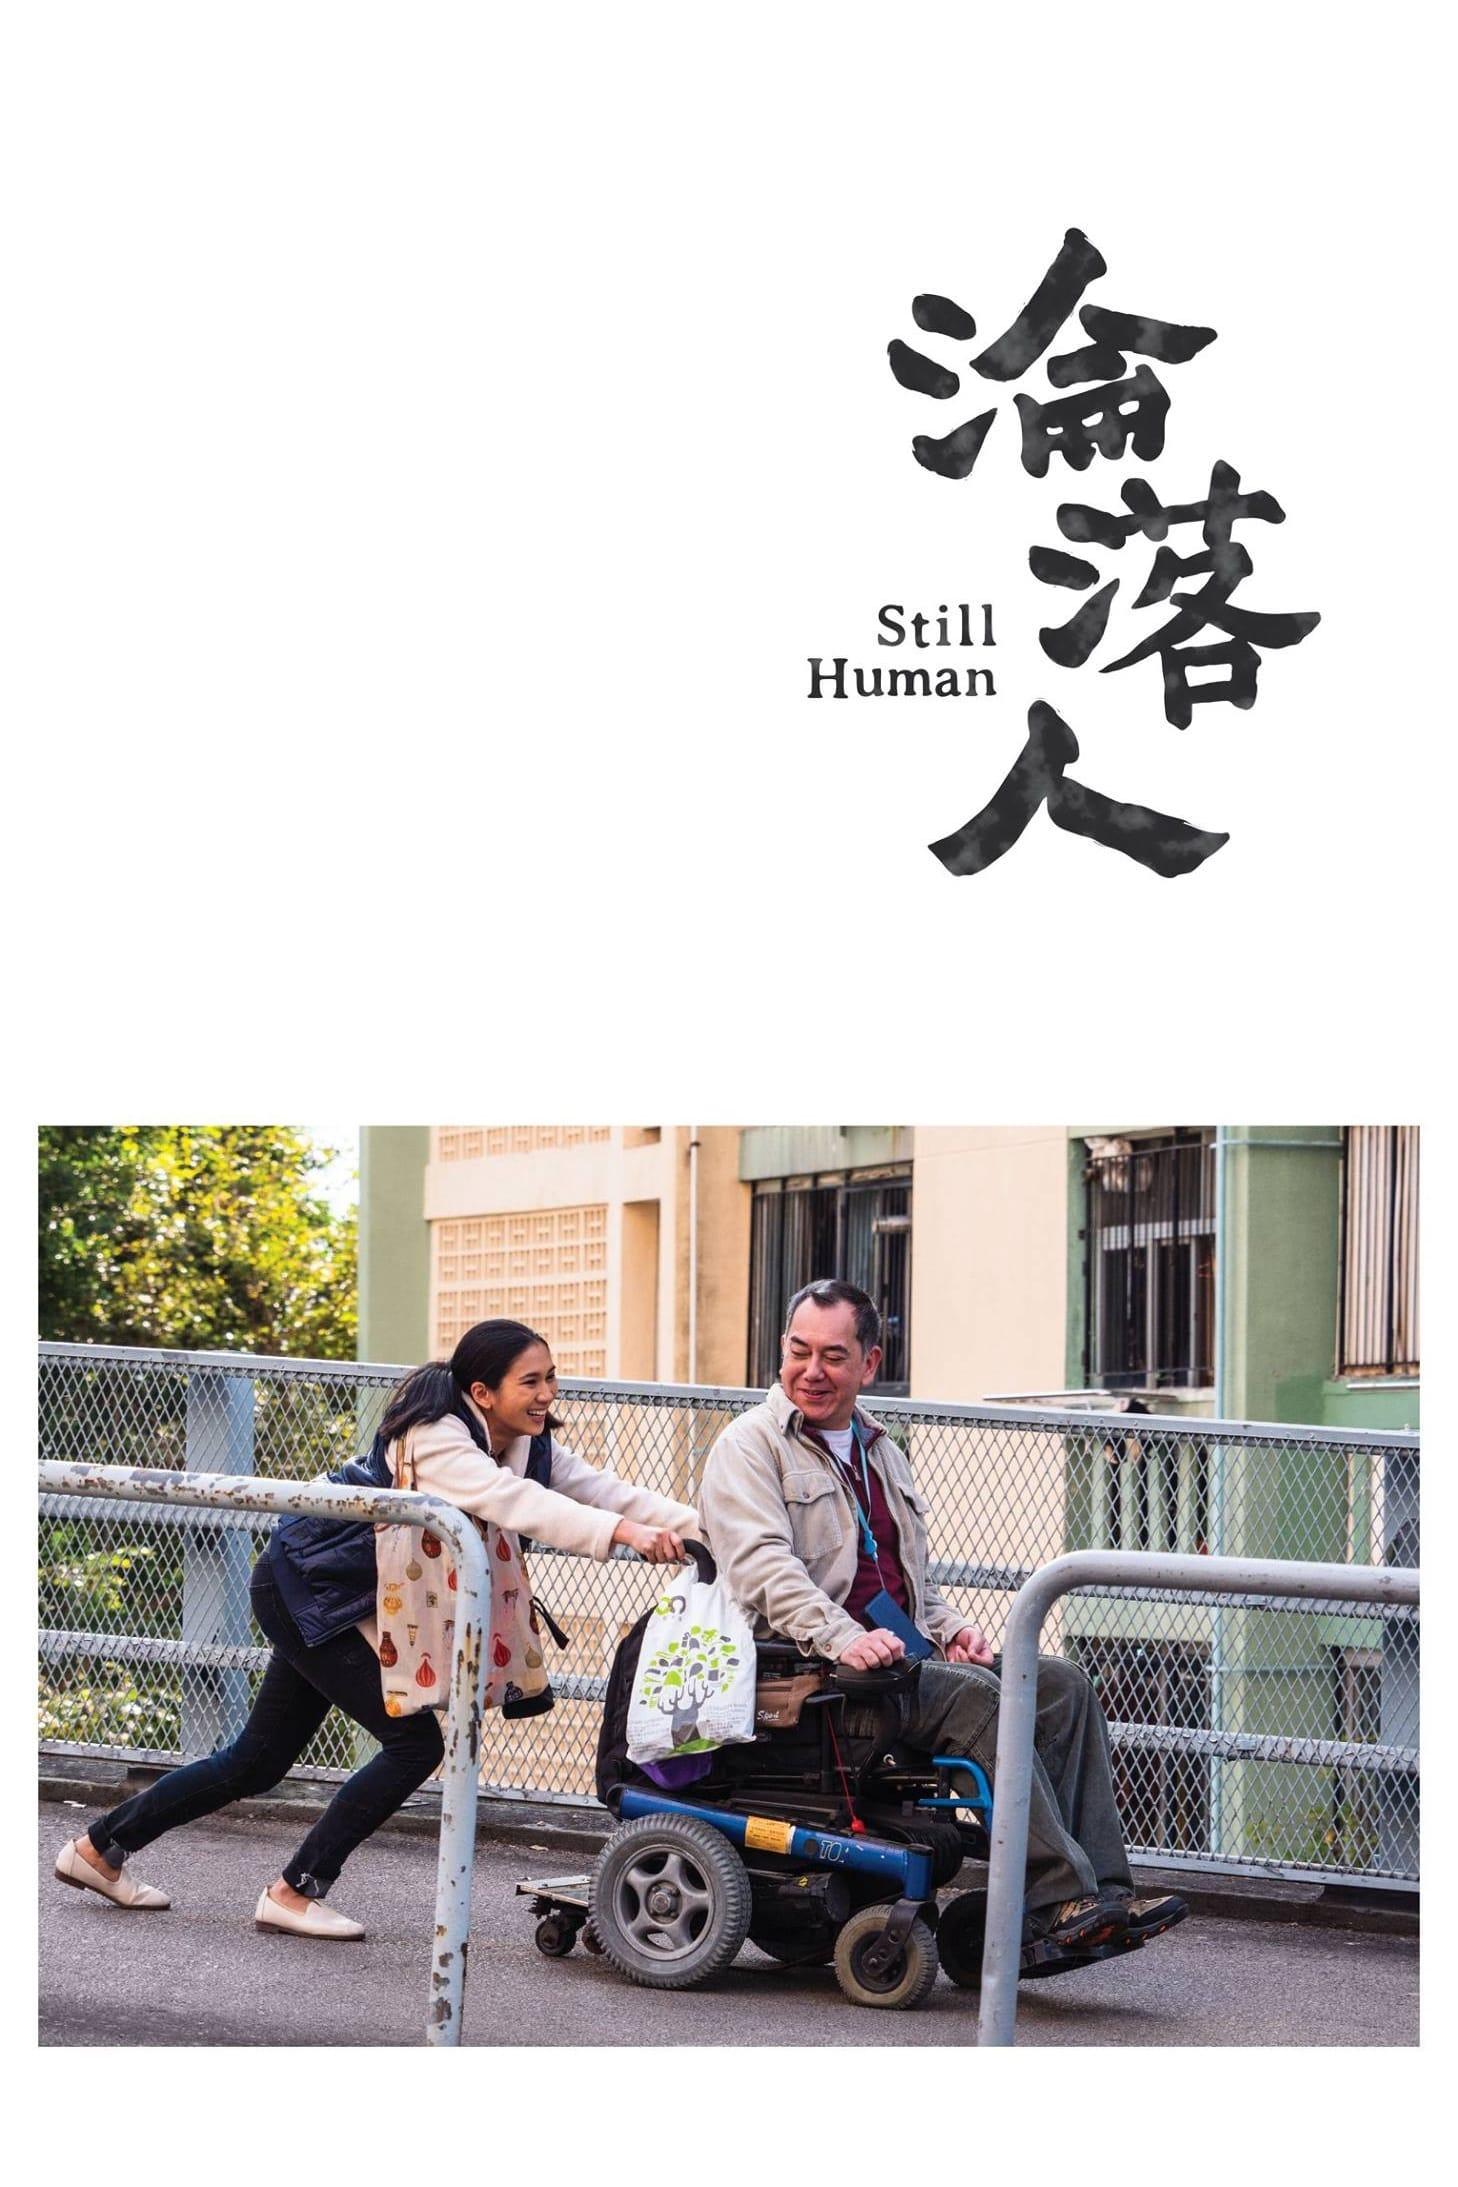 Still Human (2018)